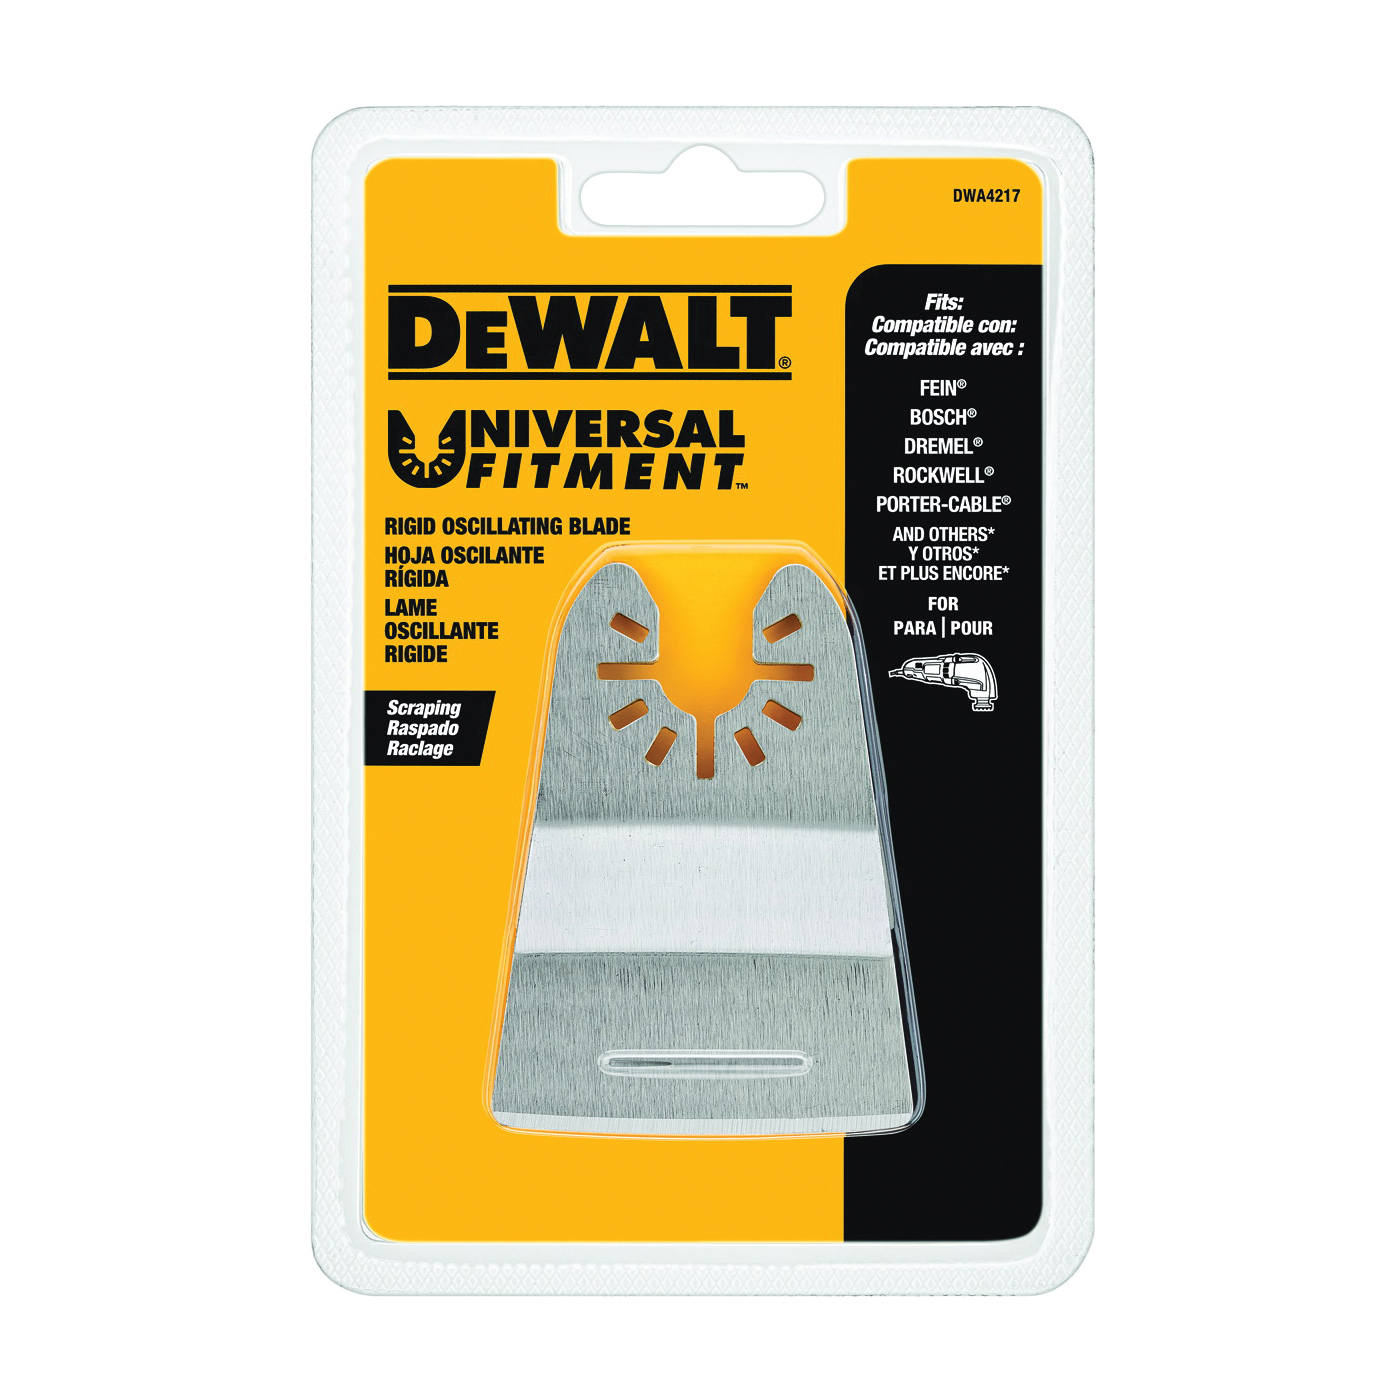 Picture of DeWALT DWA4217 Scraper Blade, 2-3/4 in, Steel